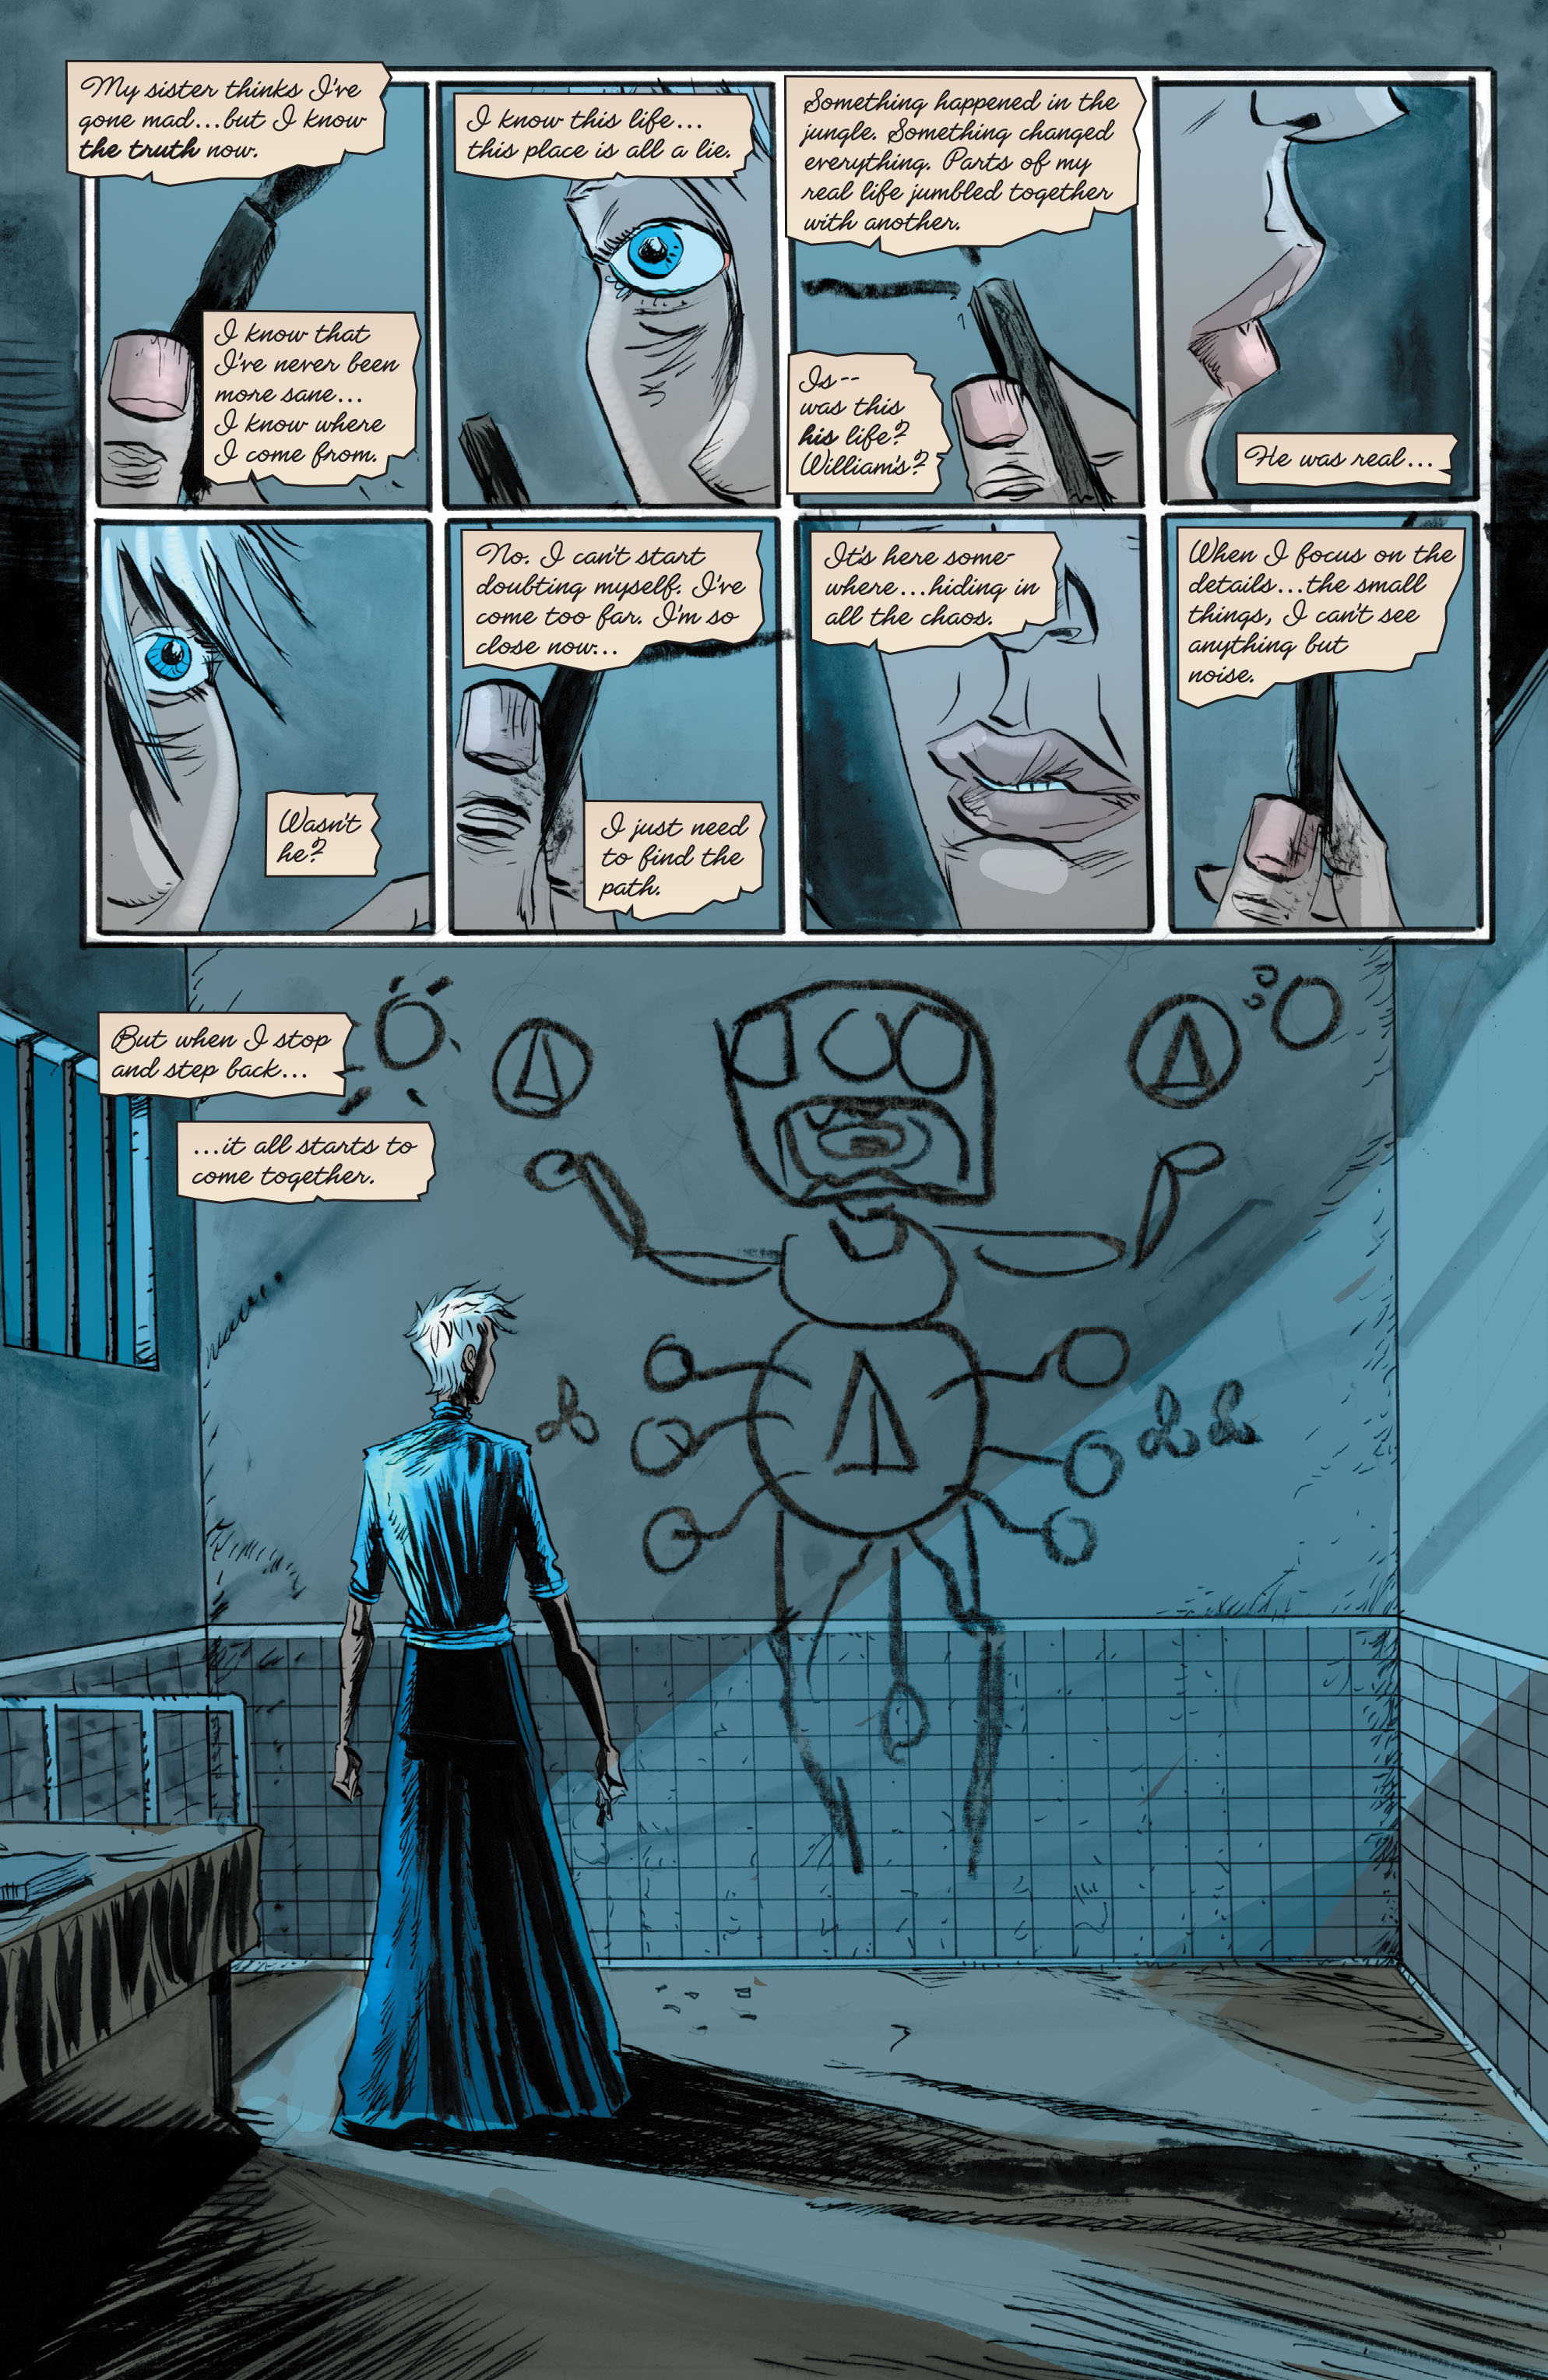 Read online Trillium comic -  Issue # TPB - 149